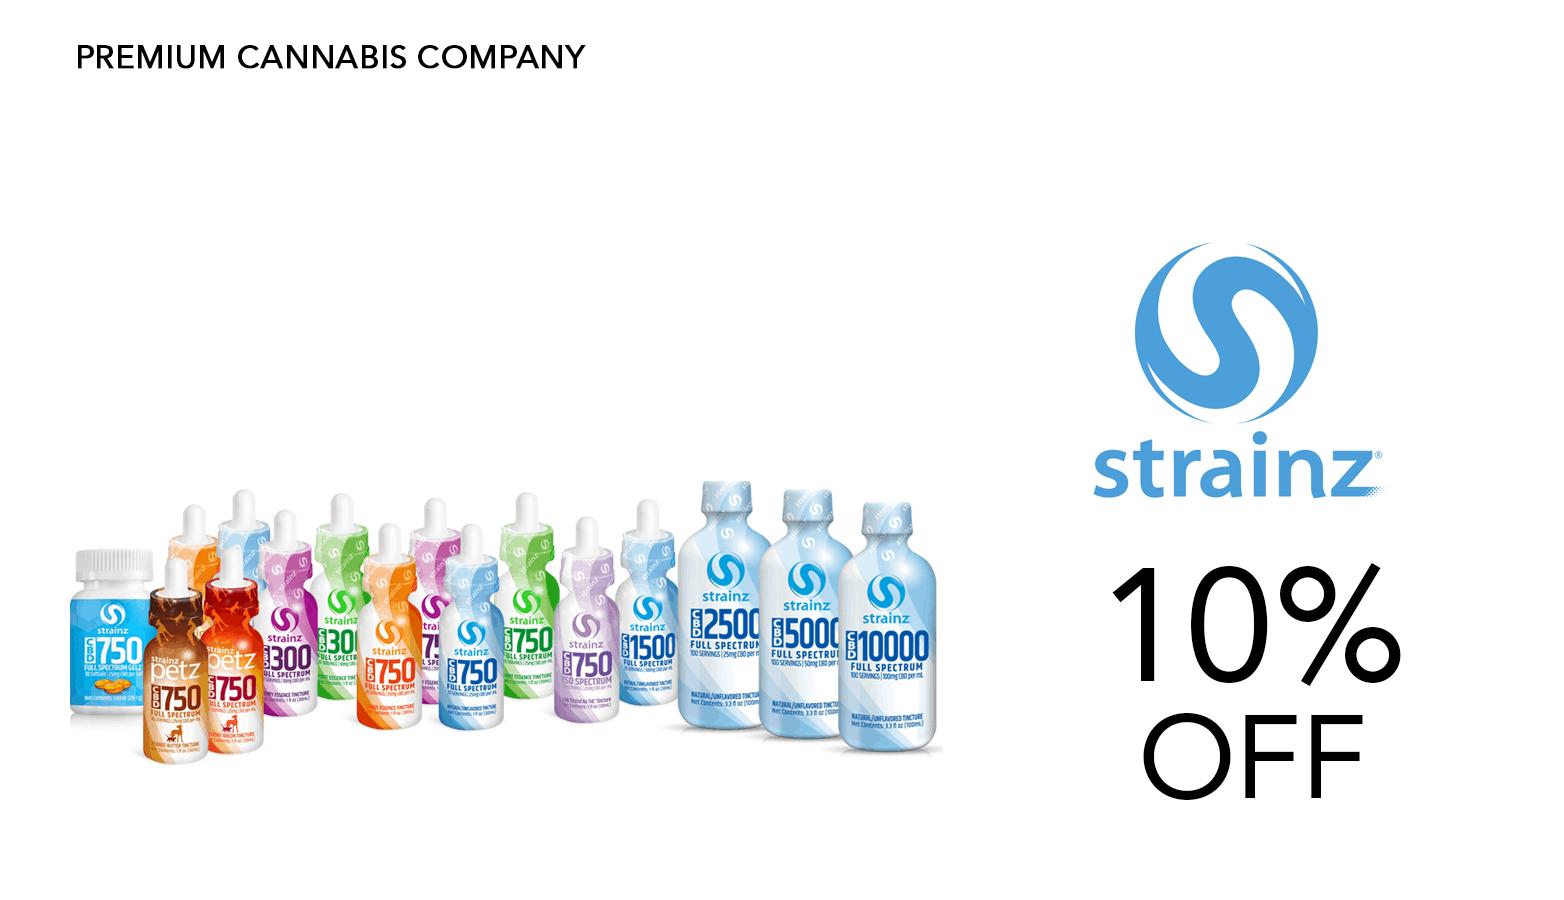 Strainz CBD Coupon Code Website